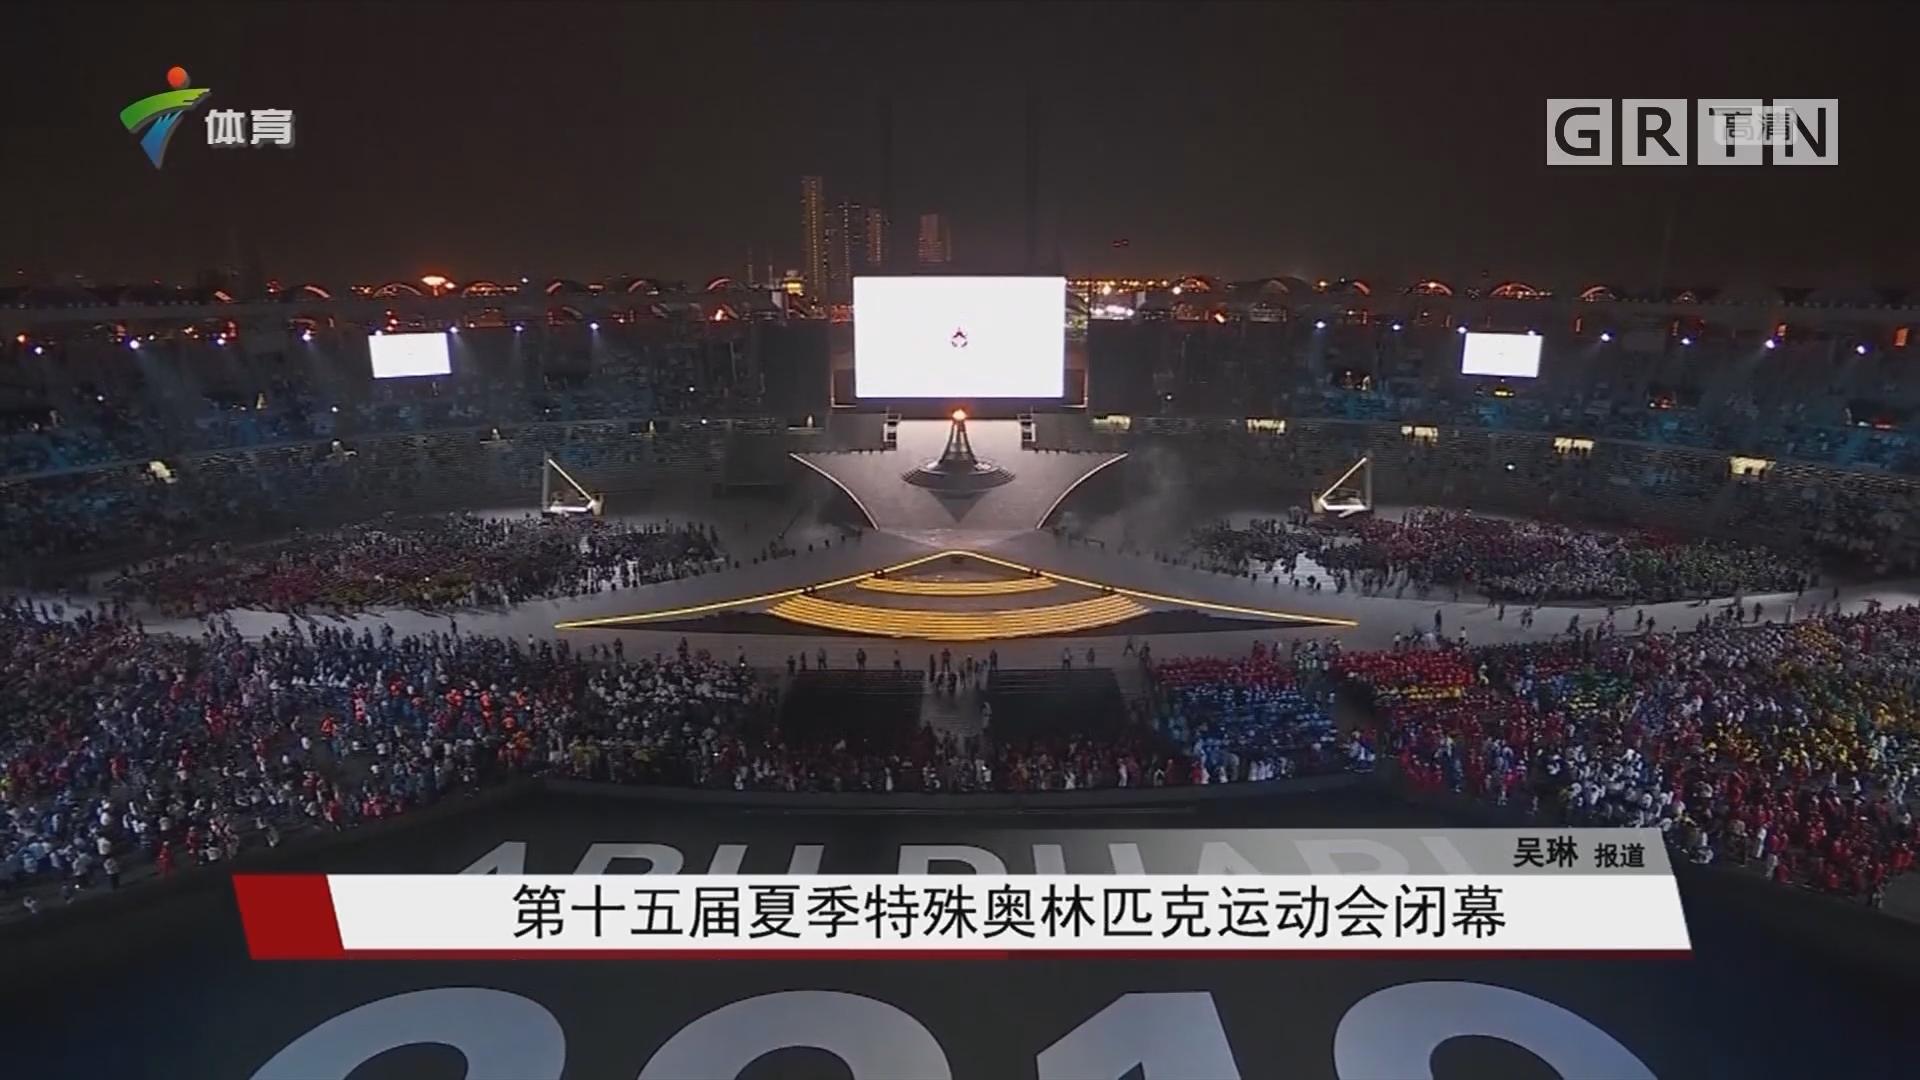 第十五届夏季特殊奥林匹克运动会闭幕